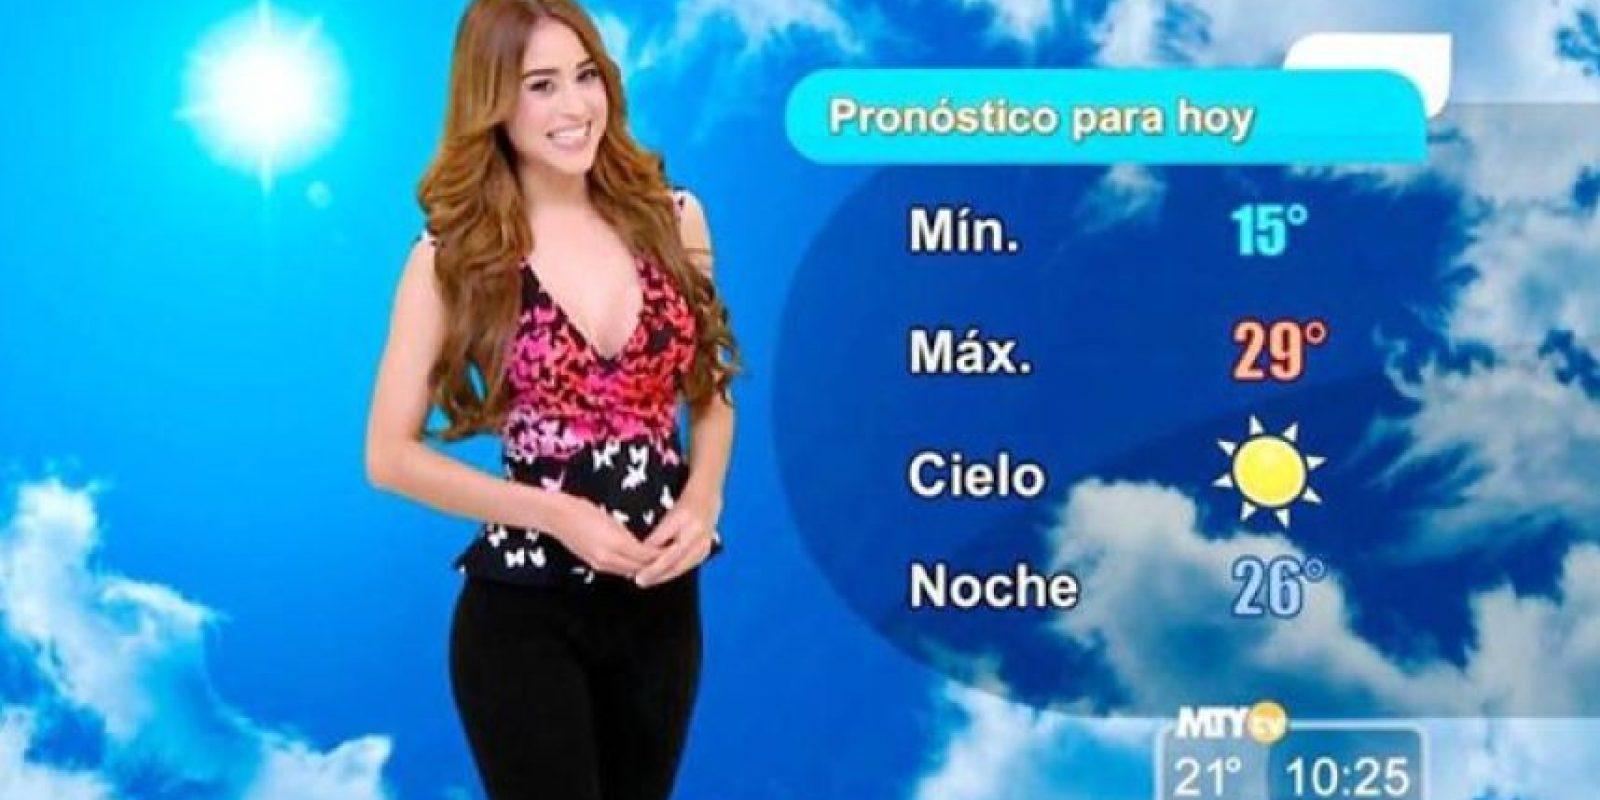 Tras su salto a la fama, la joven de 24 años comenzó a lucir cada vez más provocativa Foto:vía facebook.com/yanetgarciapaginaoficial